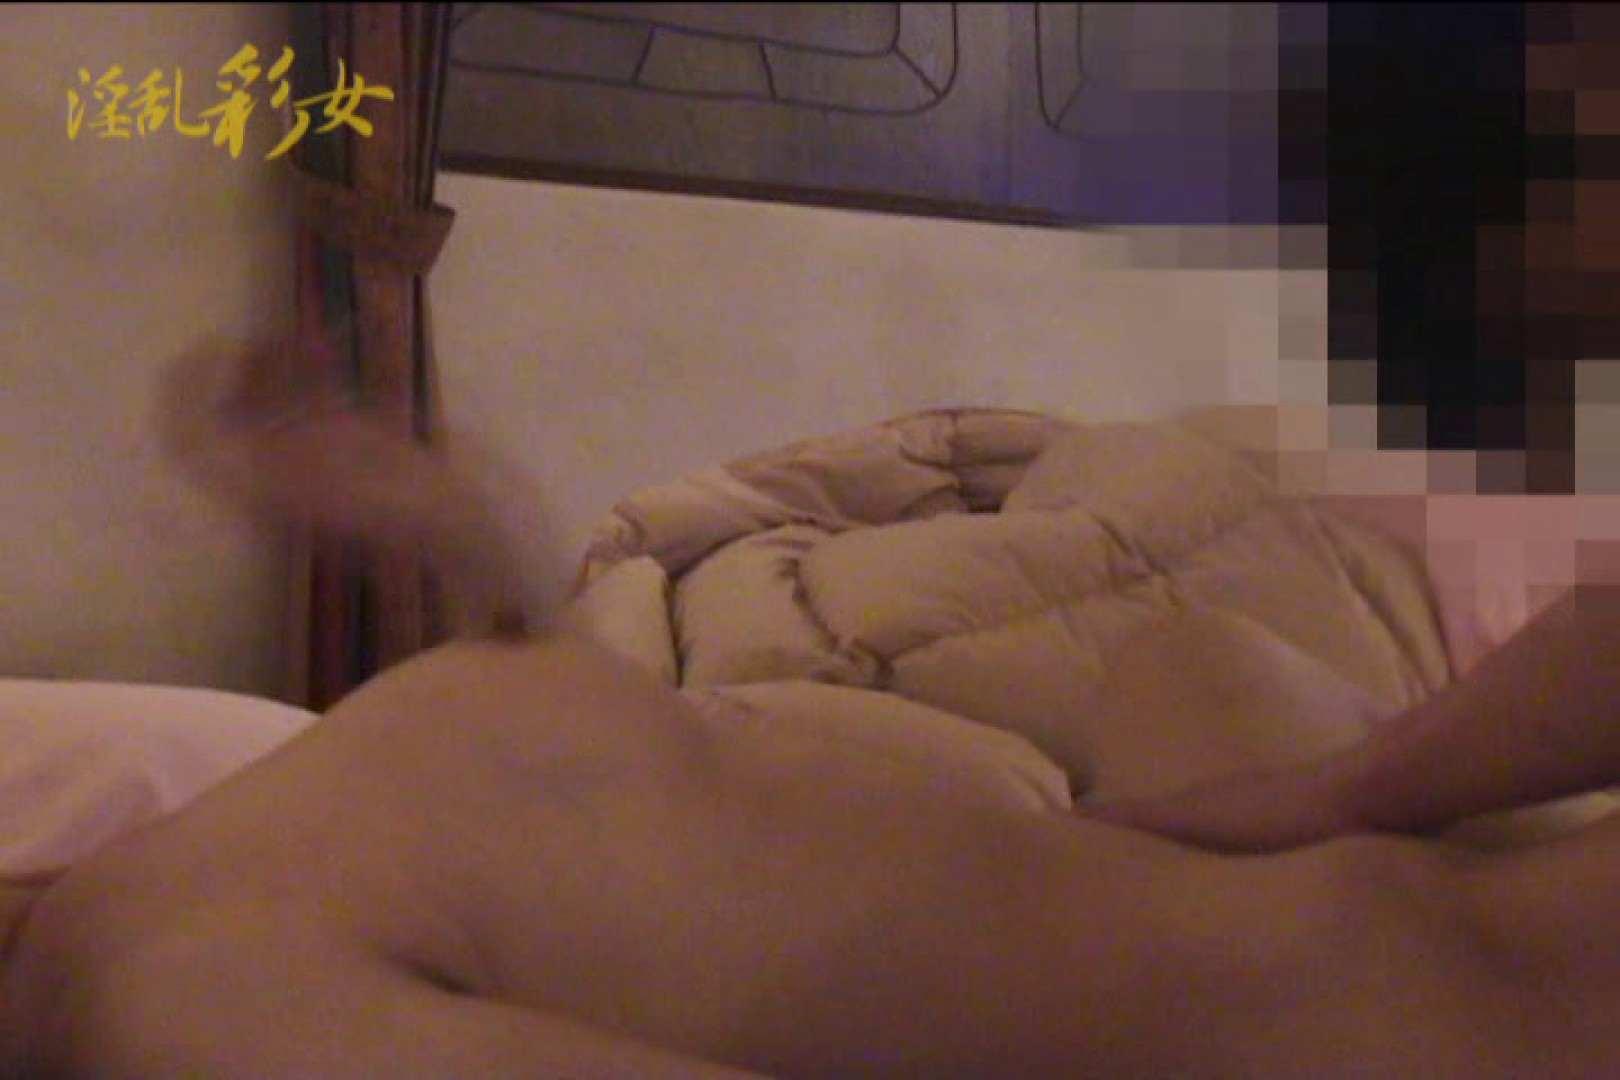 淫乱彩女 麻優里 30代の公認彼氏に貸し出し3 一般投稿 | 中出し  99画像 15